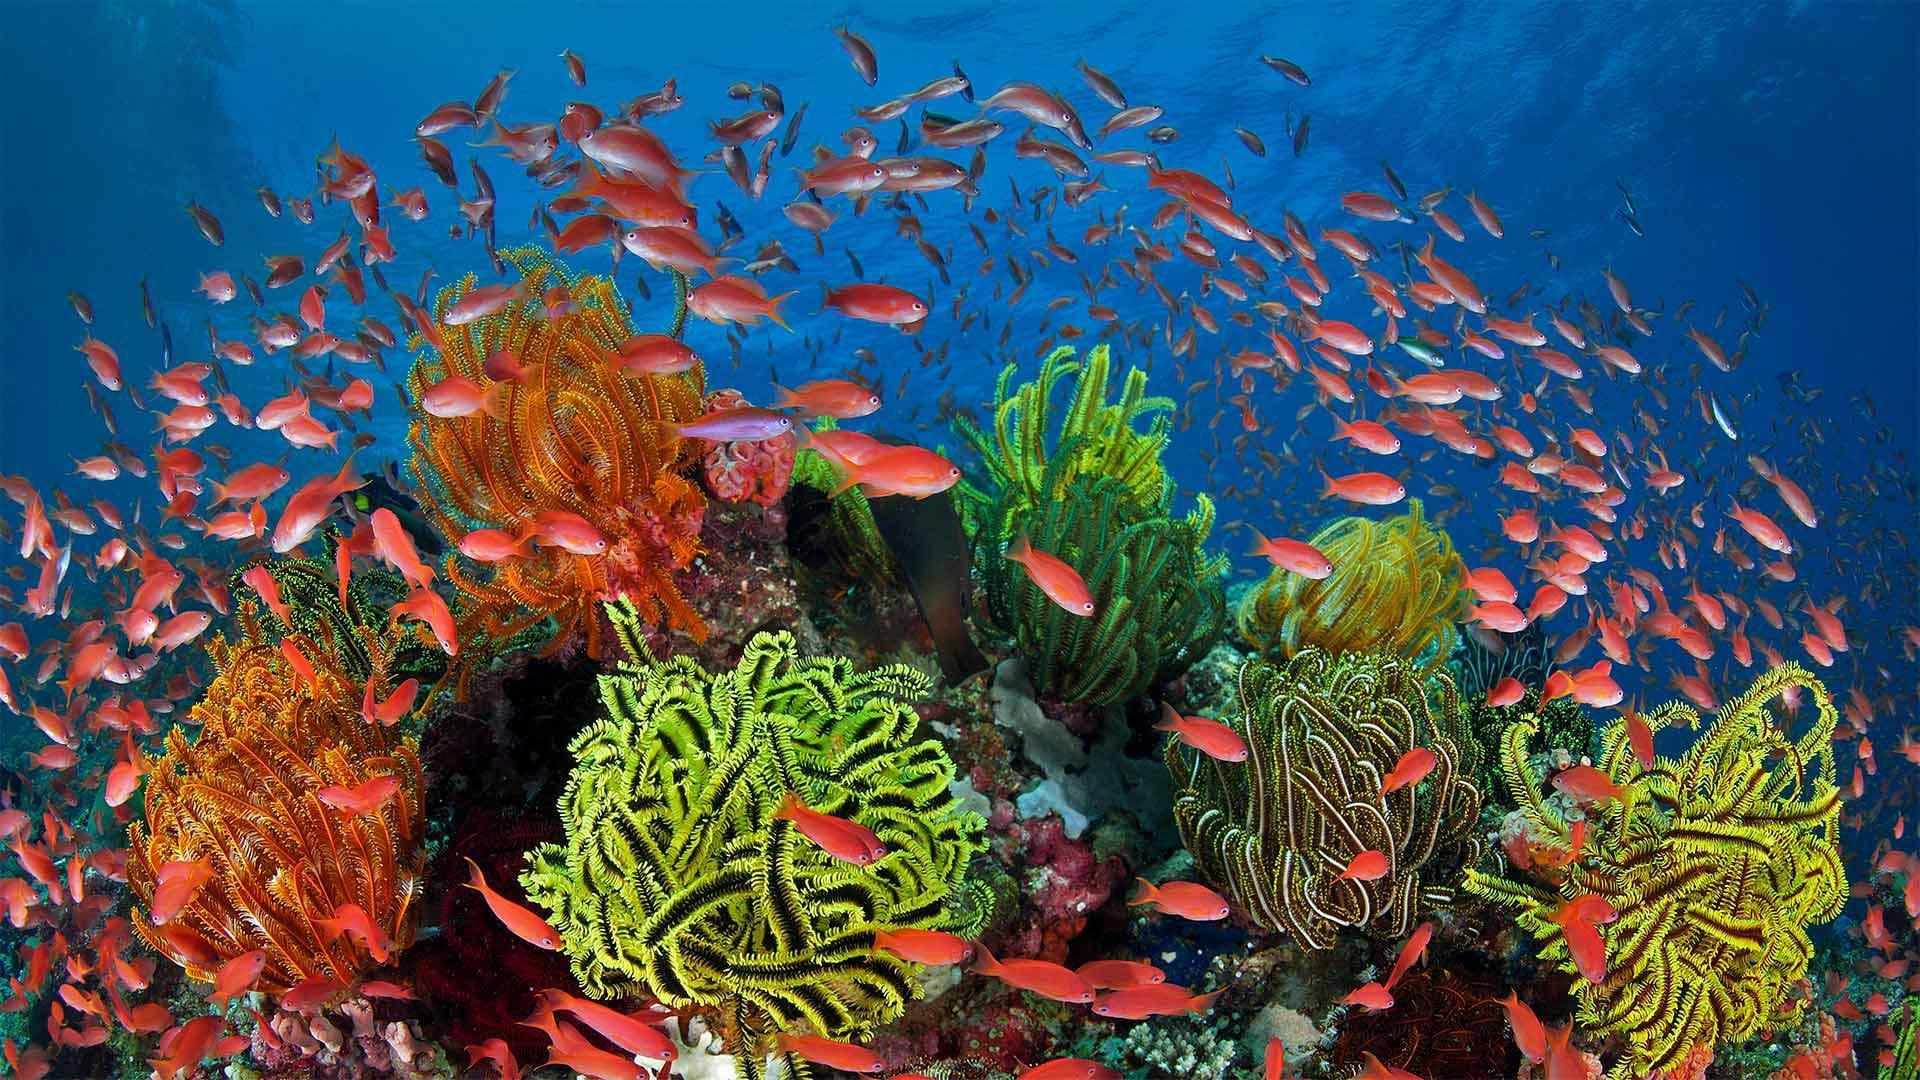 珊瑚礁周围的丝鳍拟花鮨鱼群丝鳍拟花鮨